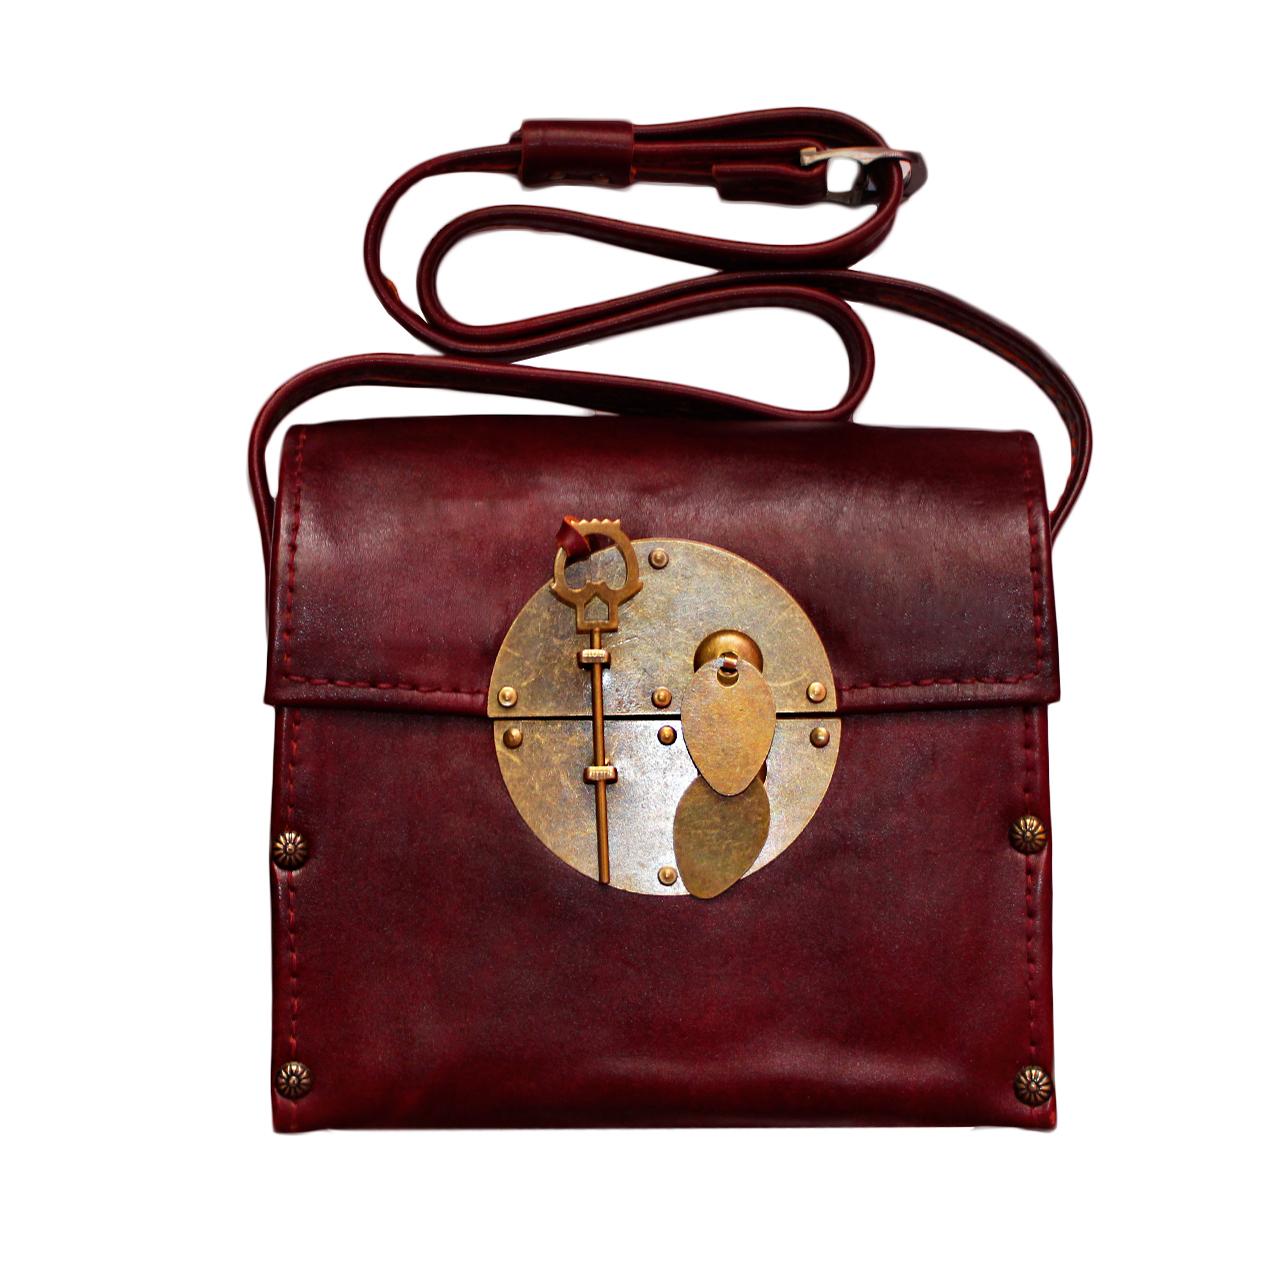 کیف دوشی زنانه مدل CH کد cm173